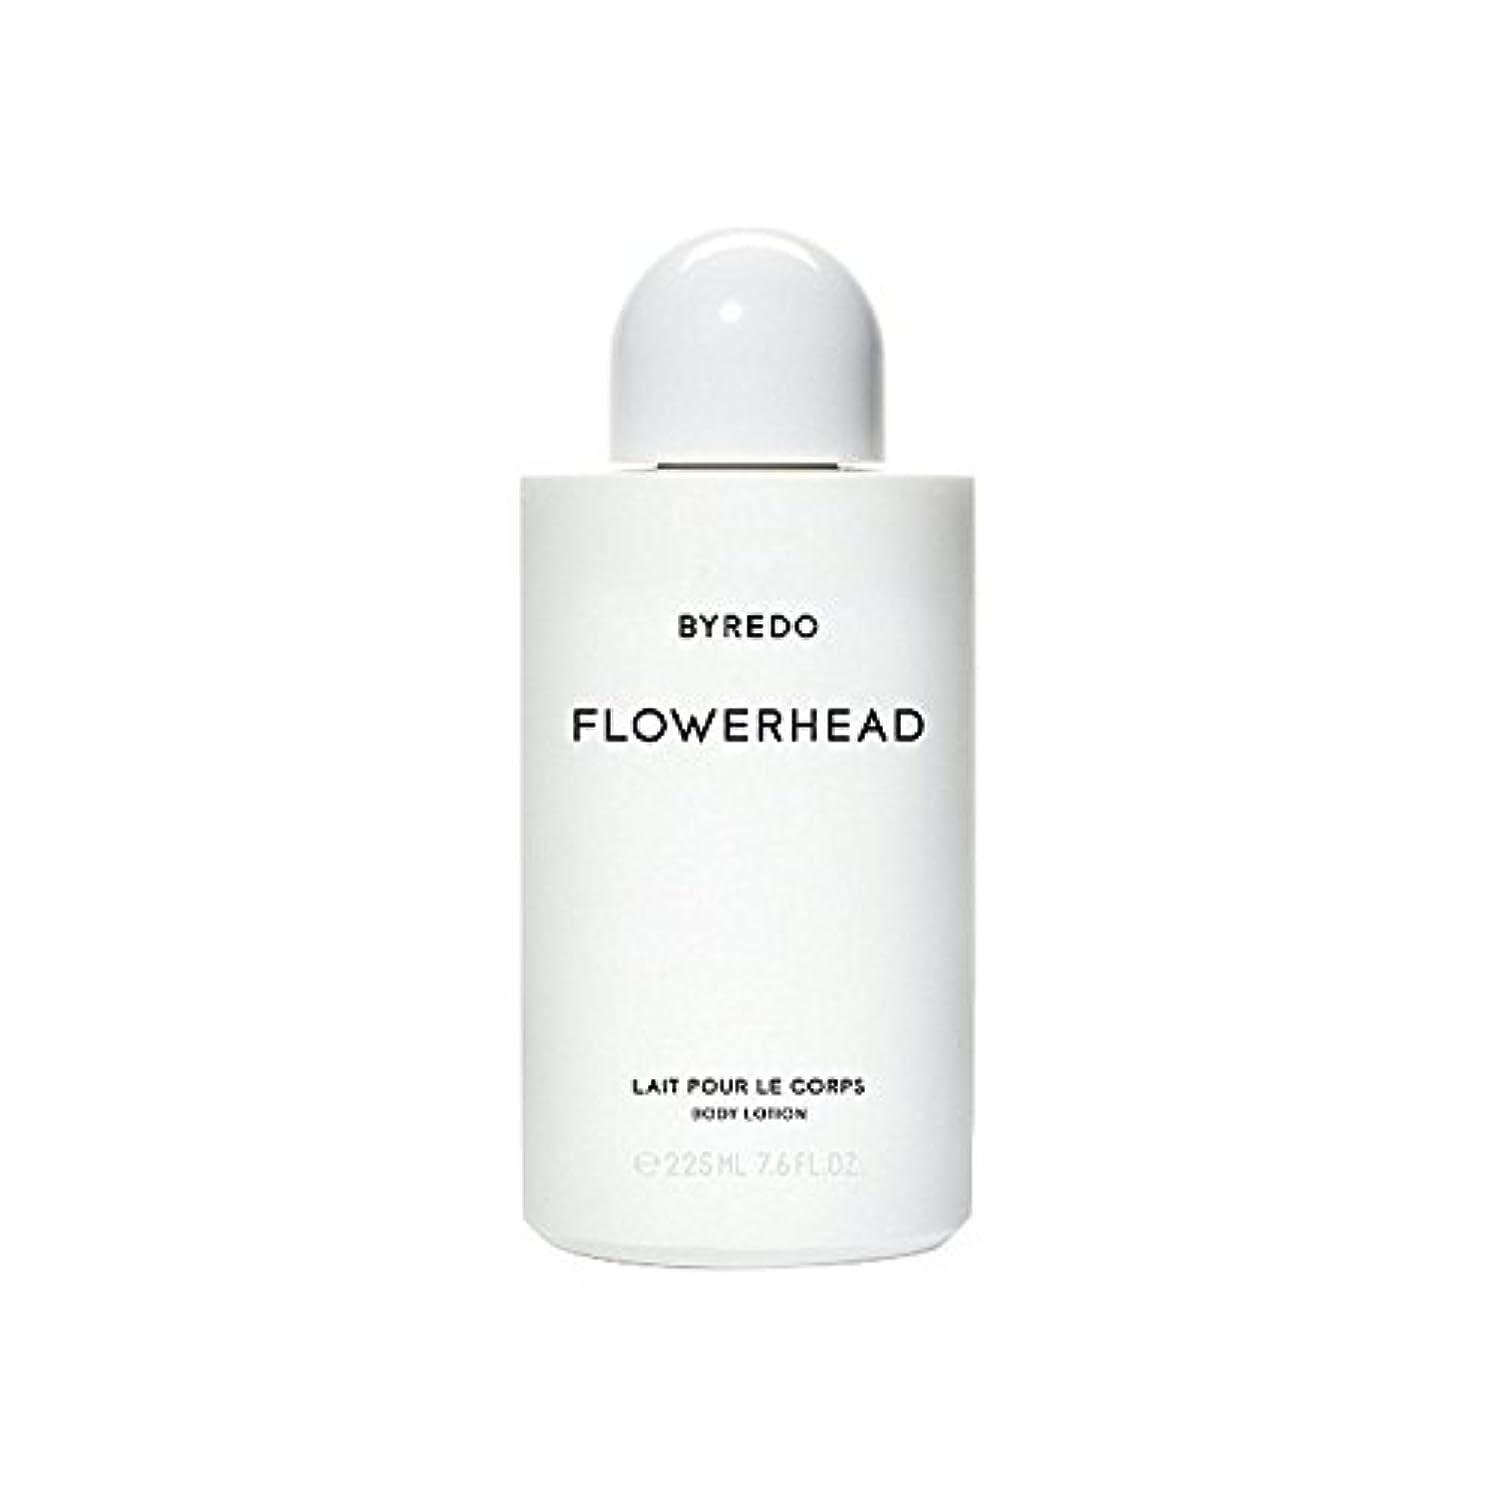 味わう車戦闘ボディローション225ミリリットル x2 - Byredo Flowerhead Body Lotion 225ml (Pack of 2) [並行輸入品]